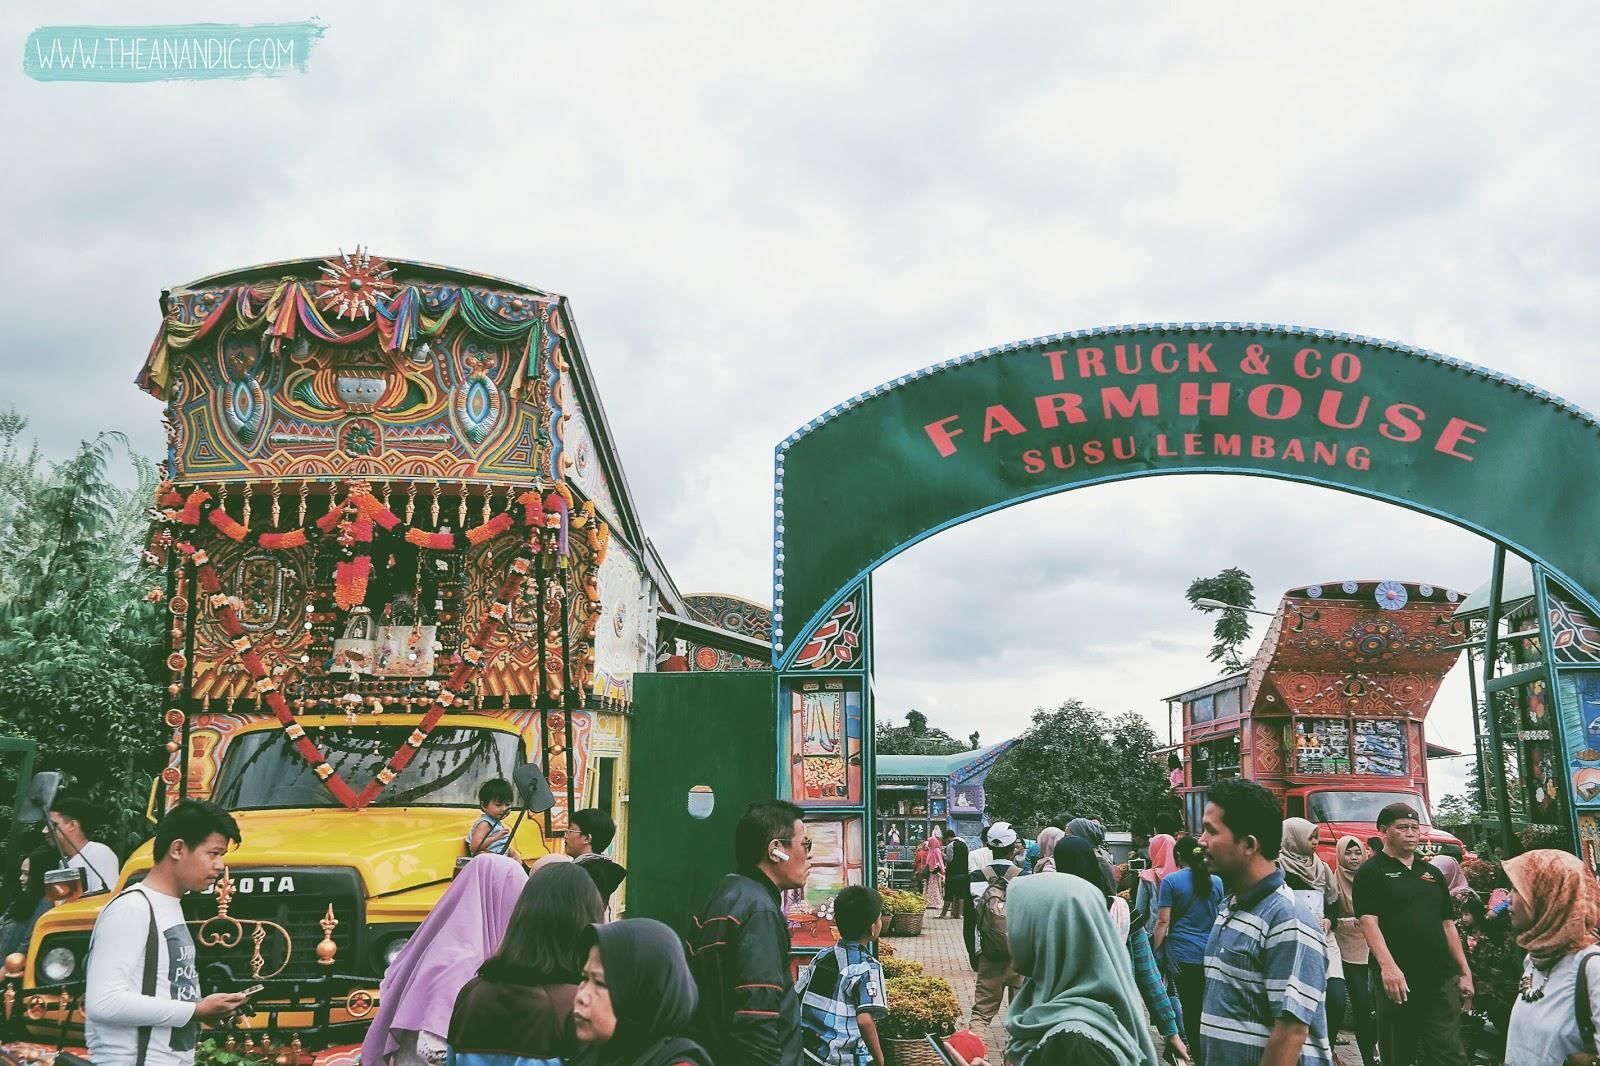 Farmhouse Susu Lembang Wisata Kuliner Edukasi Dan Sightseeing The Anandic